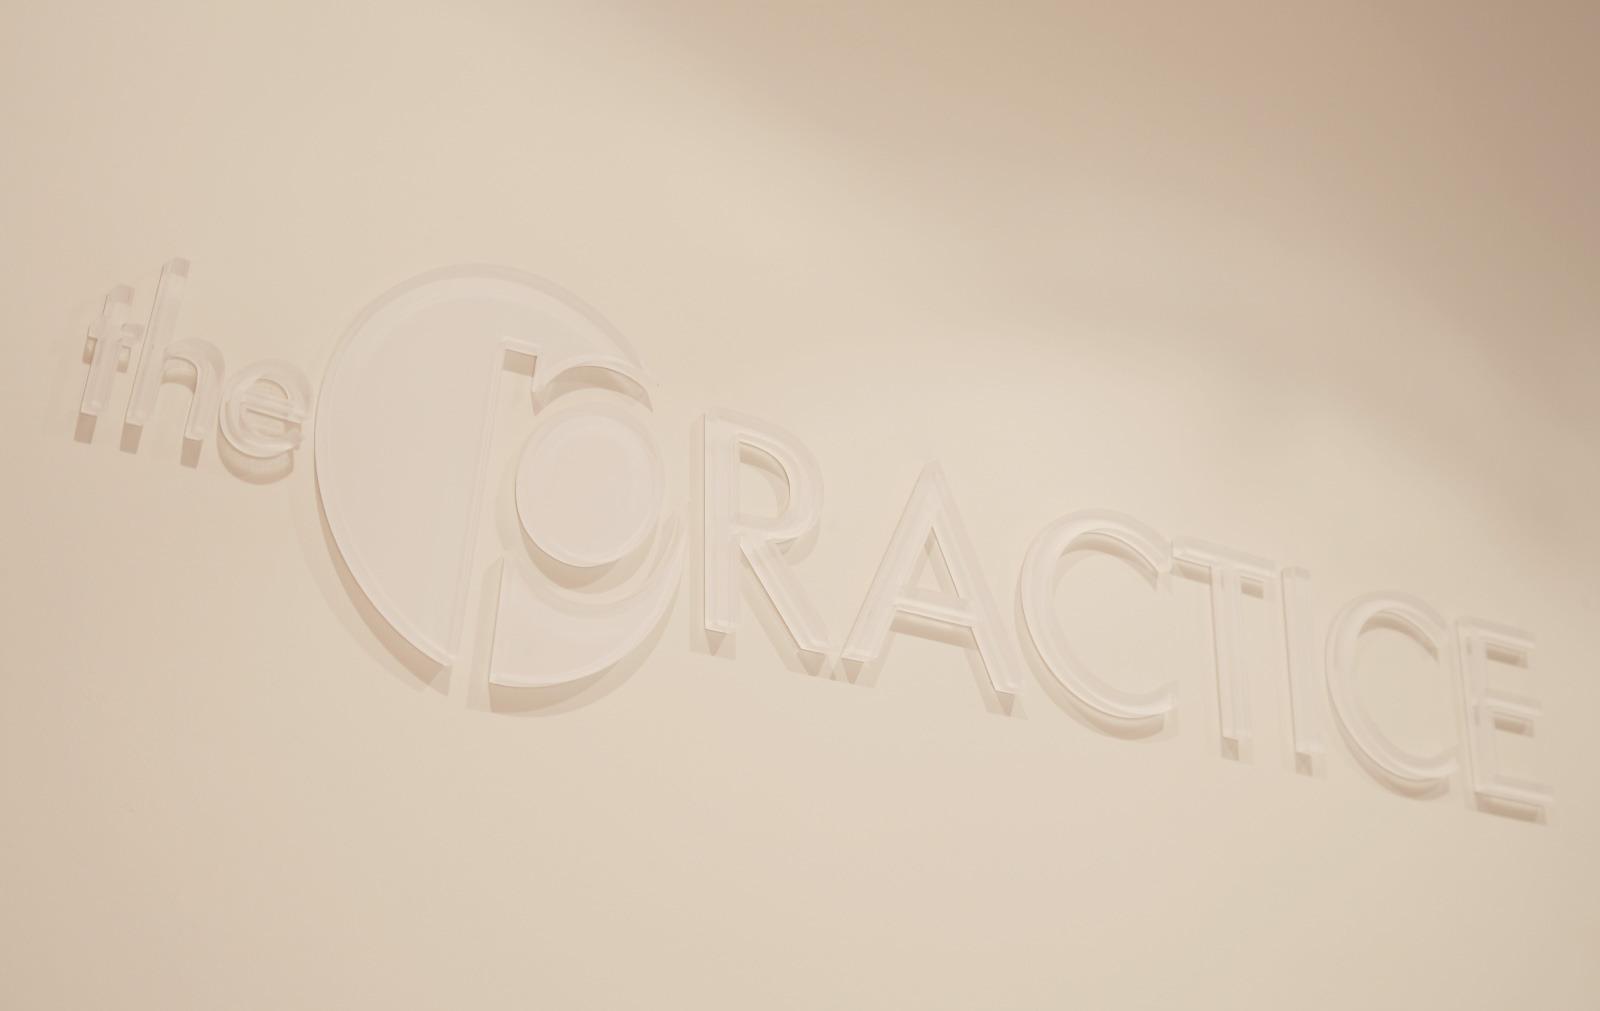 practice_branding-studio-t-bac3